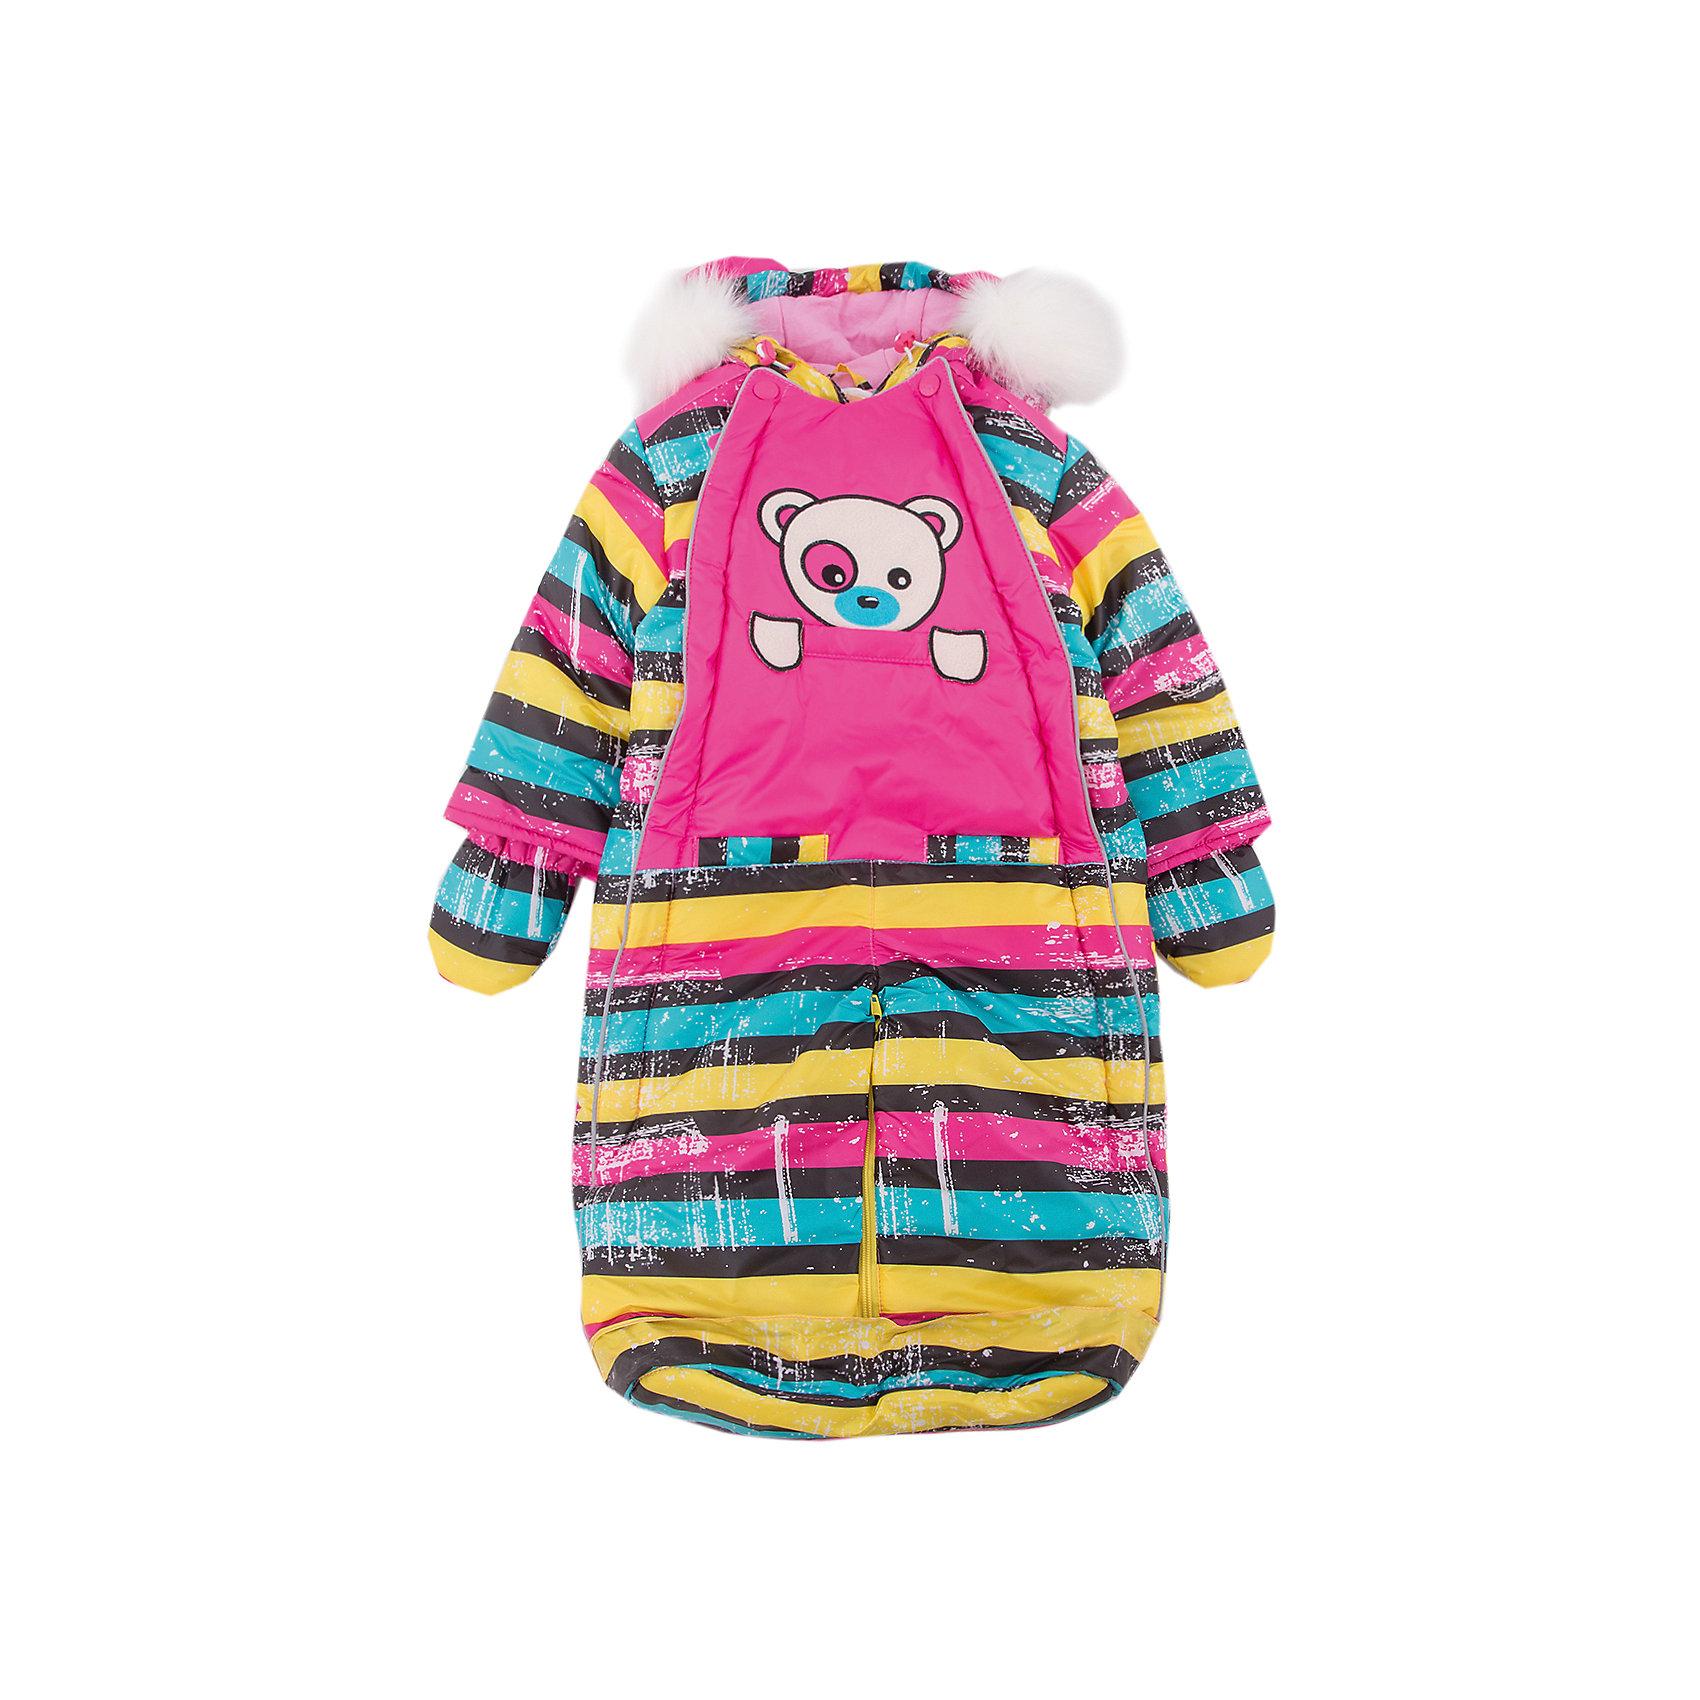 Комбинезон-трансформер Полосатый OLDOS для девочкиВерхняя одежда<br>Характеристики товара:<br><br>• цвет: розовый<br>• состав ткани: 100% полиэстер, Teflon <br>• подкладка: хлопок<br>• утеплитель: Hollofan 200 г/м2<br>• подстежка: 60% шерсть, 40% полиэстер<br>• сезон: зима<br>• температурный режим: от -35 до 0<br>• застежка: молния<br>• капюшон: с мехом, несъемный<br>• пинетки, варежки, опушка отстегиваются<br>• трансформируется в конверт<br>• подстежка в комплекте<br>• страна бренда: Россия<br>• страна изготовитель: Россия<br><br>Этот удобный комбинезон-трансформер для девочки дополнен съемными пинетками и варежками. Комбинезон-трансформер отличается оригинальным дизайном. Верх этого детского комбинезона - с пропиткой от грязи и влаги. Мягкая подкладка детского комбинезона-трансформера для зимы приятна на ощупь. <br><br>Комбинезон-трансформер Полосатый Oldos (Олдос) для девочки можно купить в нашем интернет-магазине.<br><br>Ширина мм: 356<br>Глубина мм: 10<br>Высота мм: 245<br>Вес г: 519<br>Цвет: розовый<br>Возраст от месяцев: 12<br>Возраст до месяцев: 18<br>Пол: Женский<br>Возраст: Детский<br>Размер: 86,68,74,80<br>SKU: 7016828